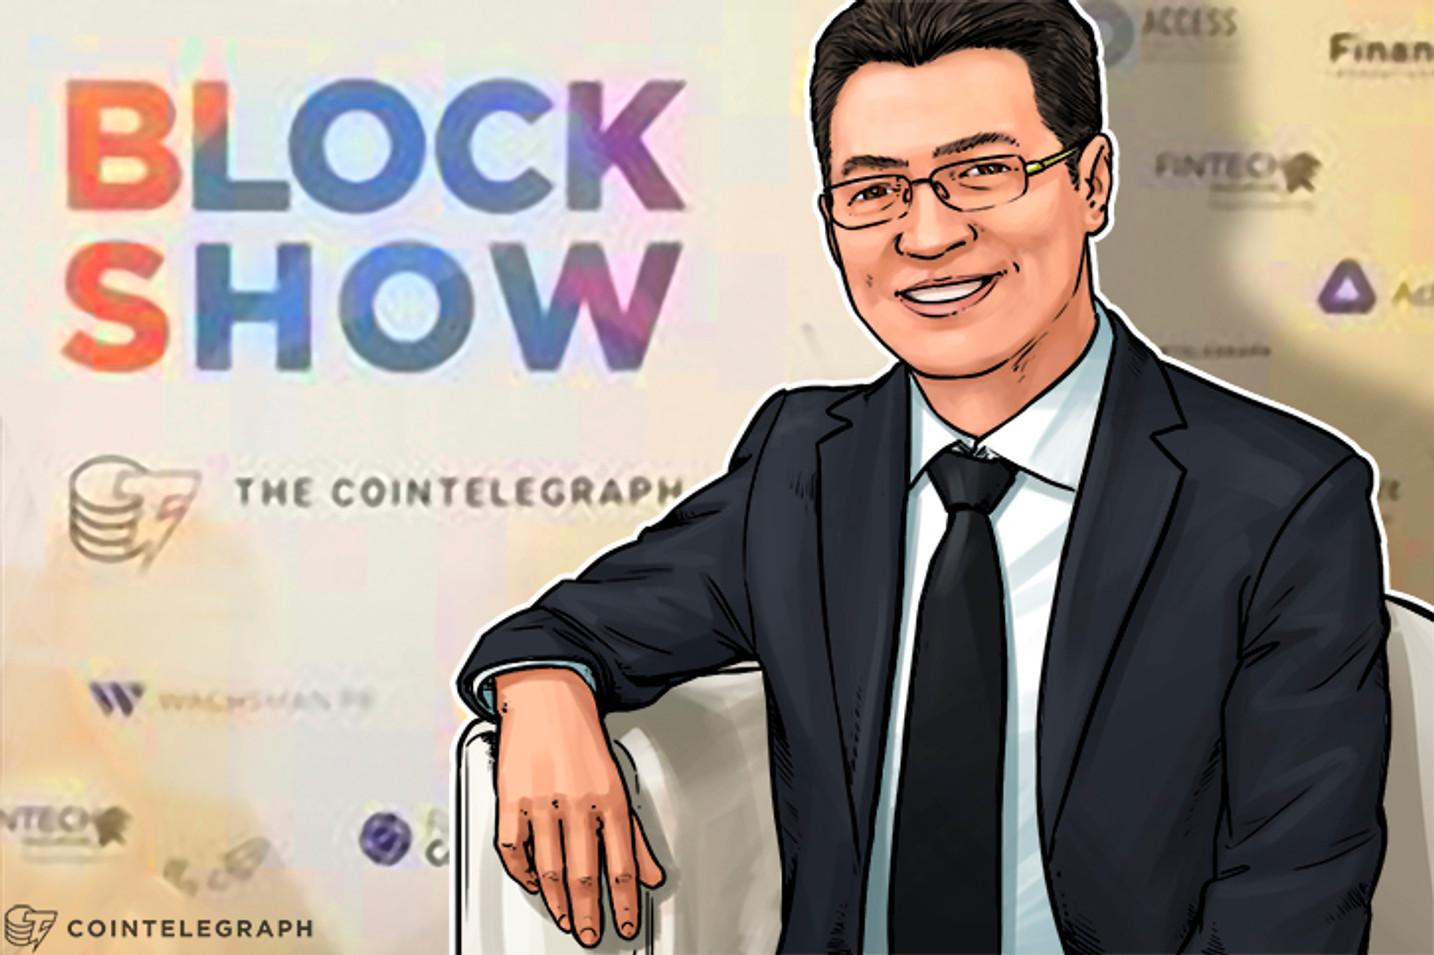 """Socio de Achain: """"Quiero invertir en Blockchain tan alto como pueda"""""""